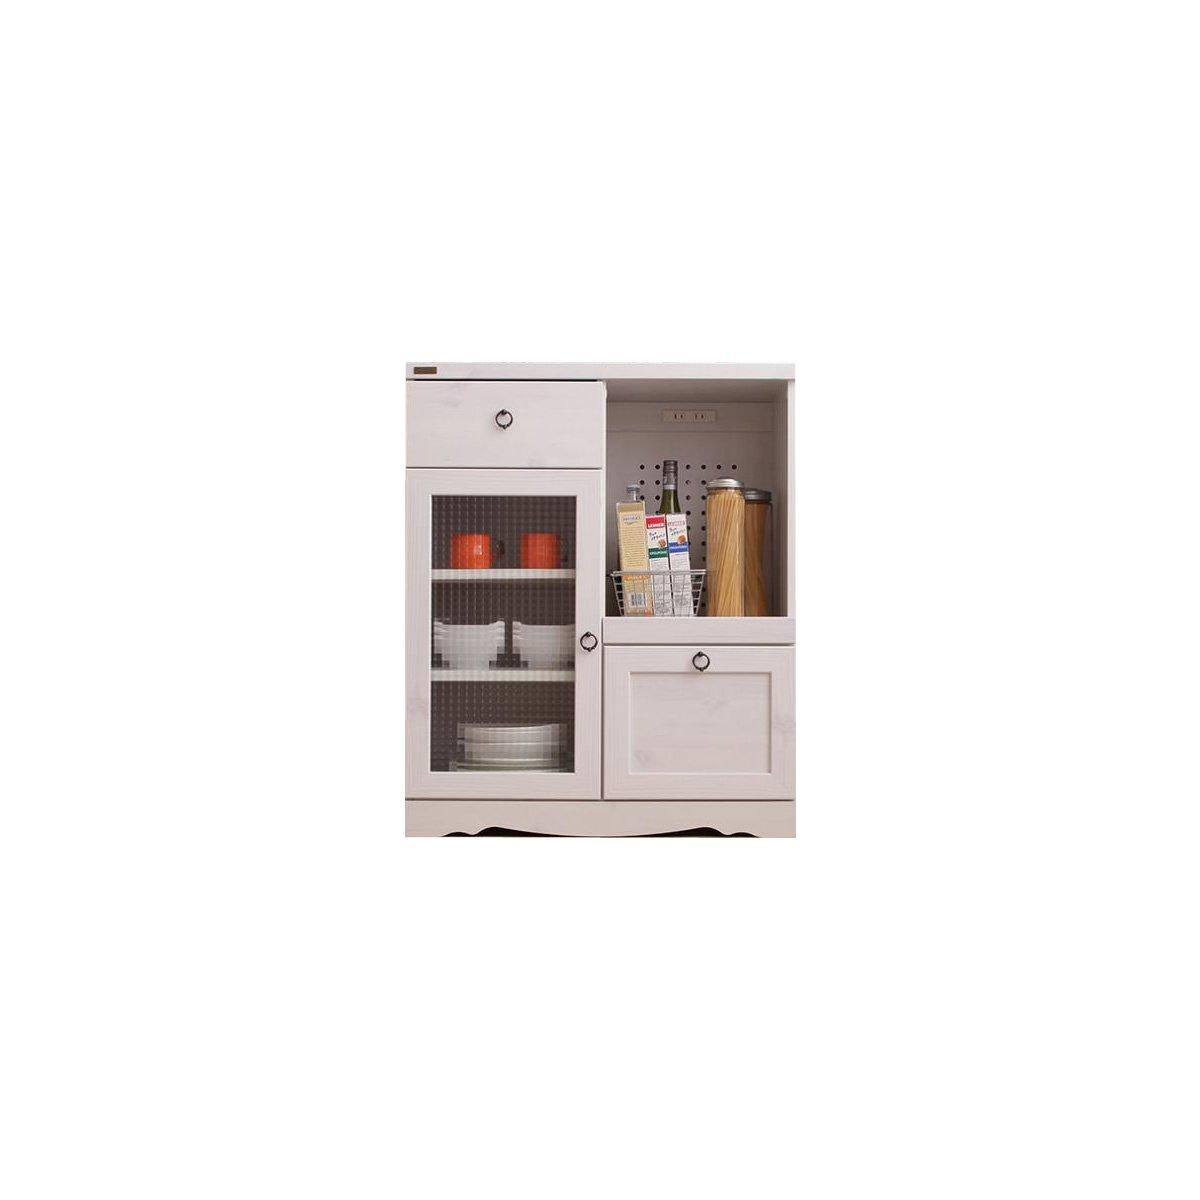 ホワイト/レンジ台 ロータイプ キッチン収納 ウォルナット ブラウン ホワイト 木目 北欧 食器棚 ボタニカル ナチュラル キッチン B07B68777Mホワイト